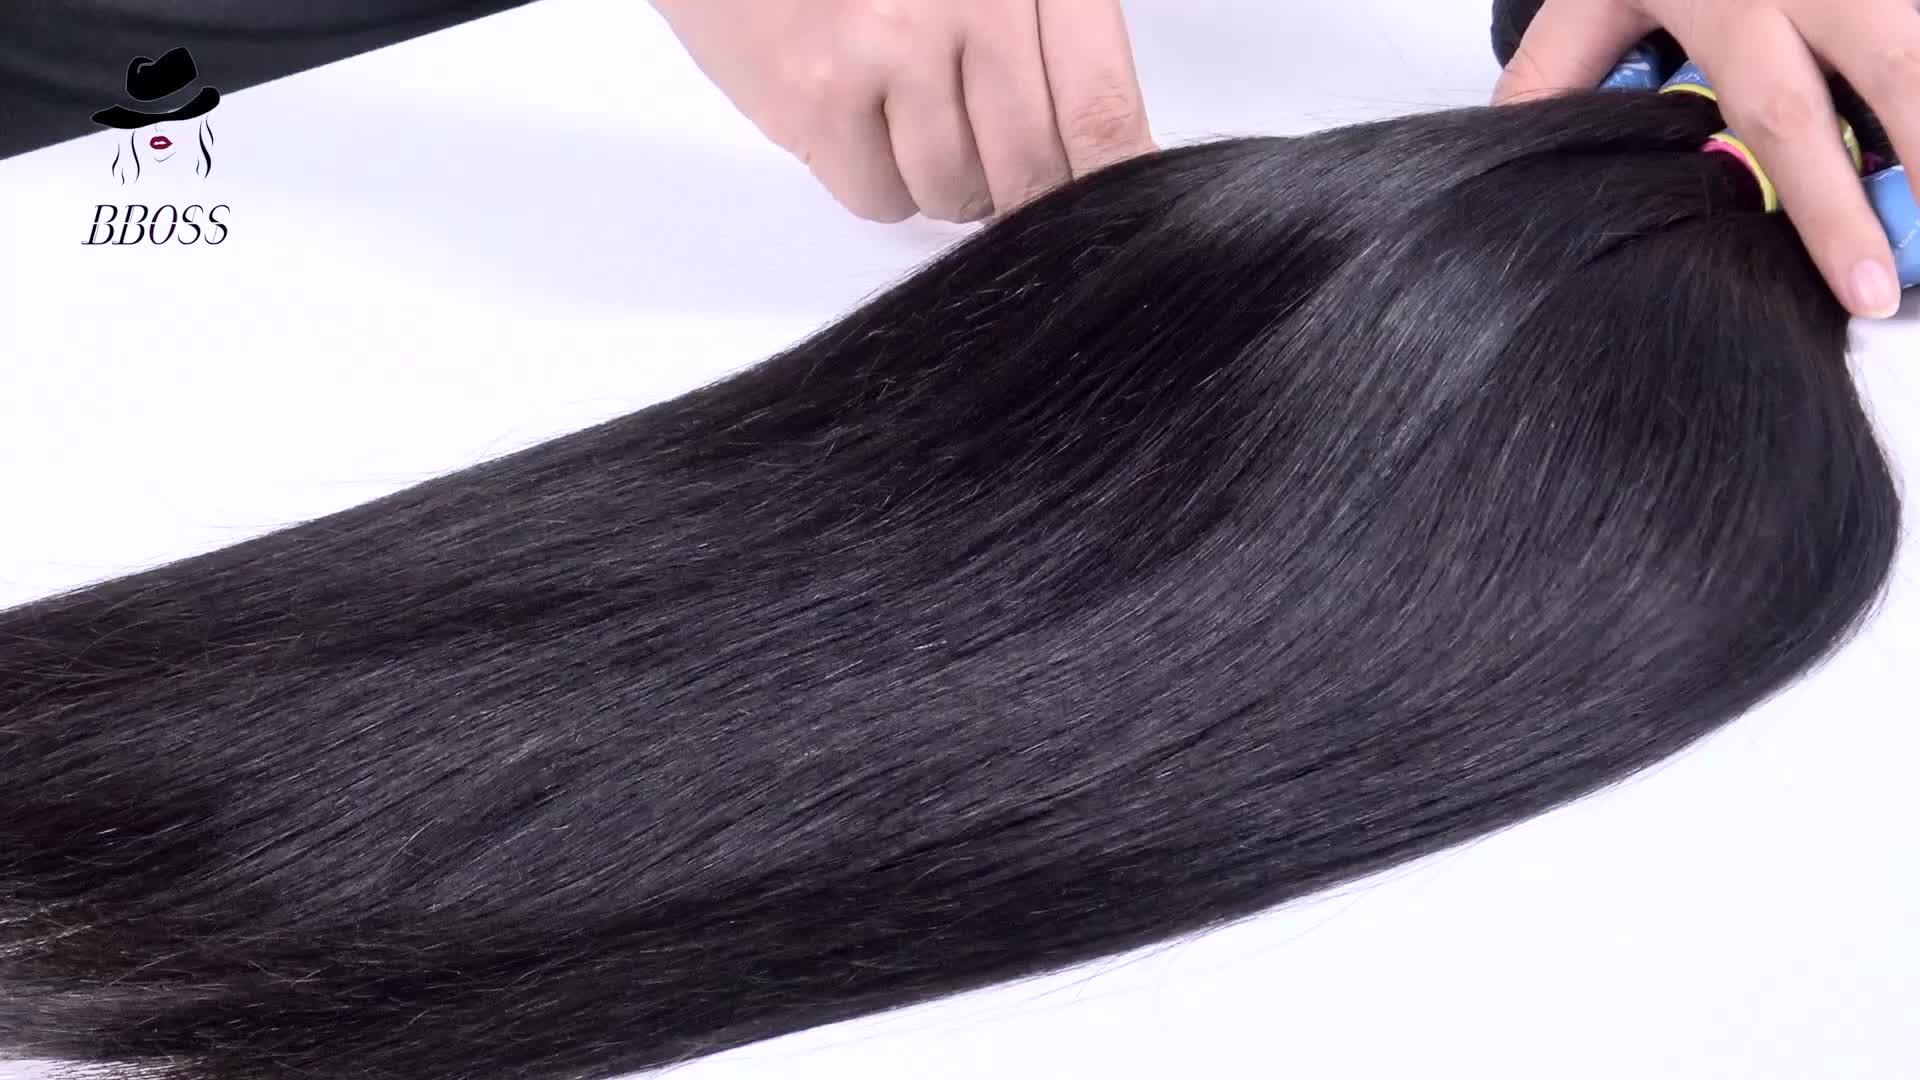 Diritto crespo indiano capelli lunghi parrucche, parrucca ebrea parrucca kosher, a lungo ombre bob bionda piena del merletto dei capelli umani parrucca anteriore